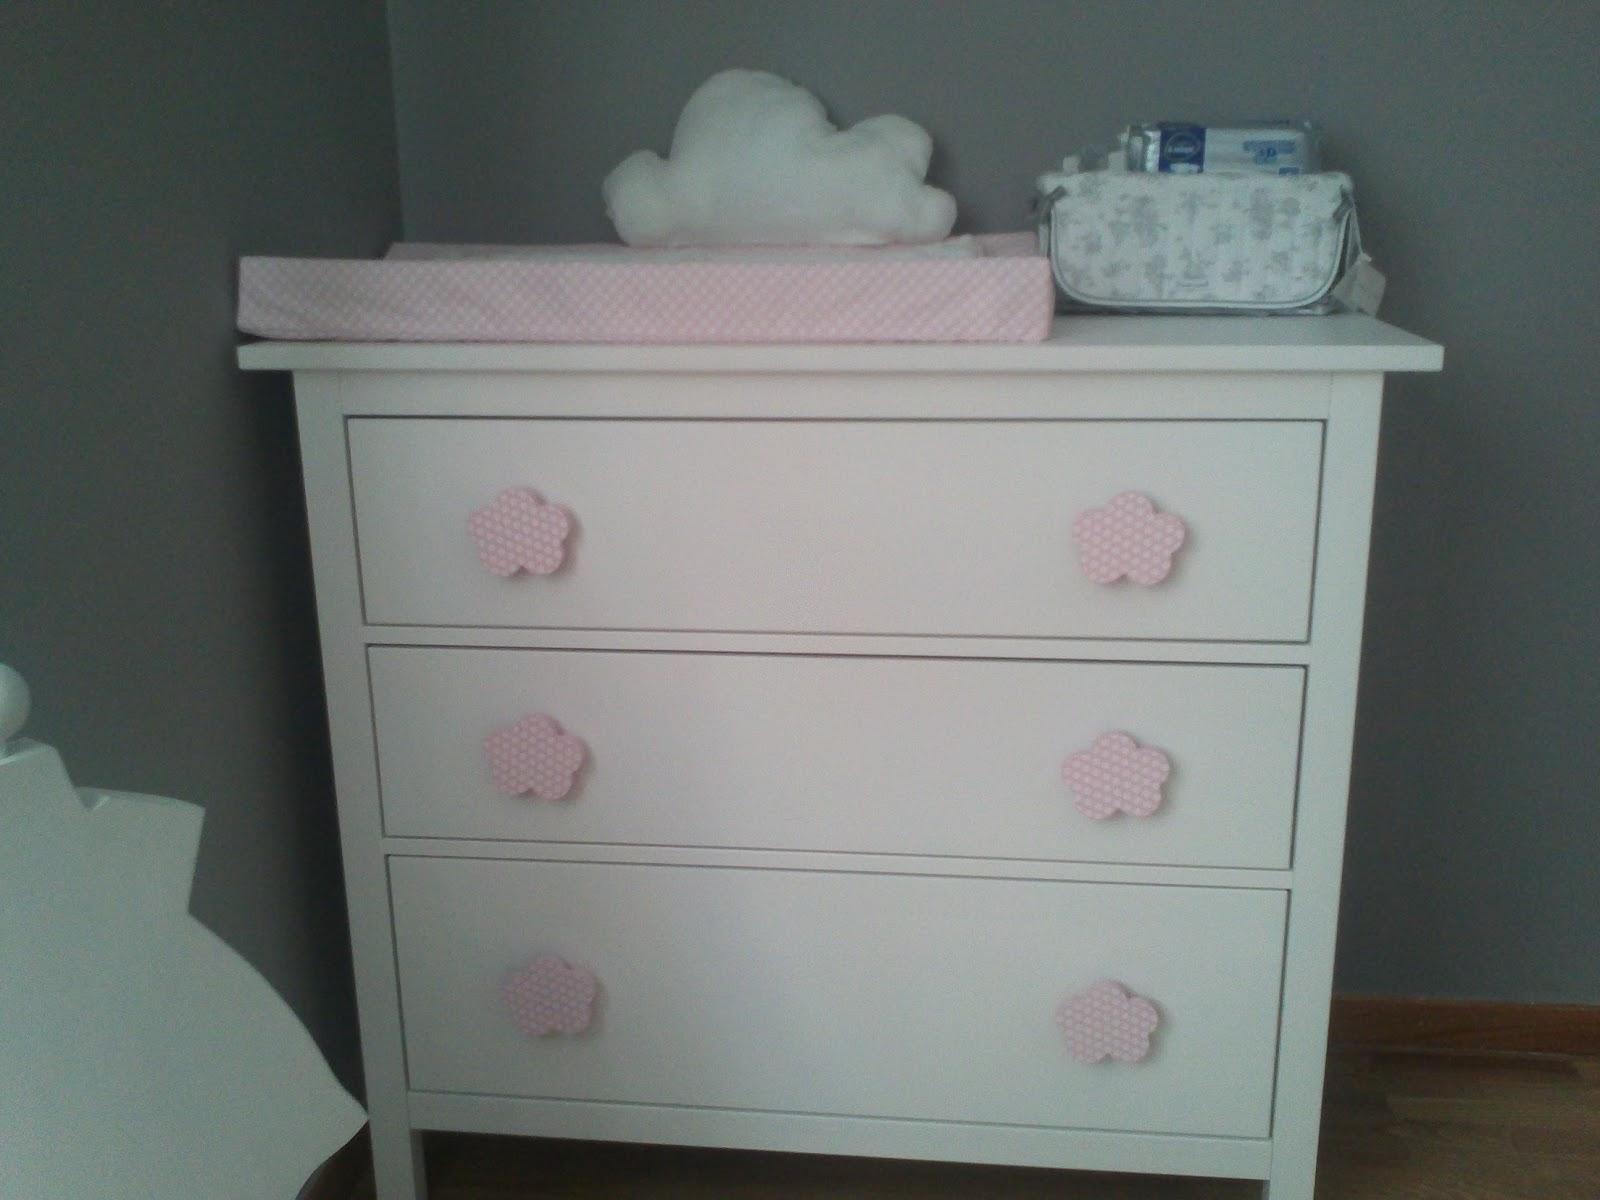 Mam aprendiz ideias de decora o para o quarto do beb - Tiradores para muebles infantiles ...